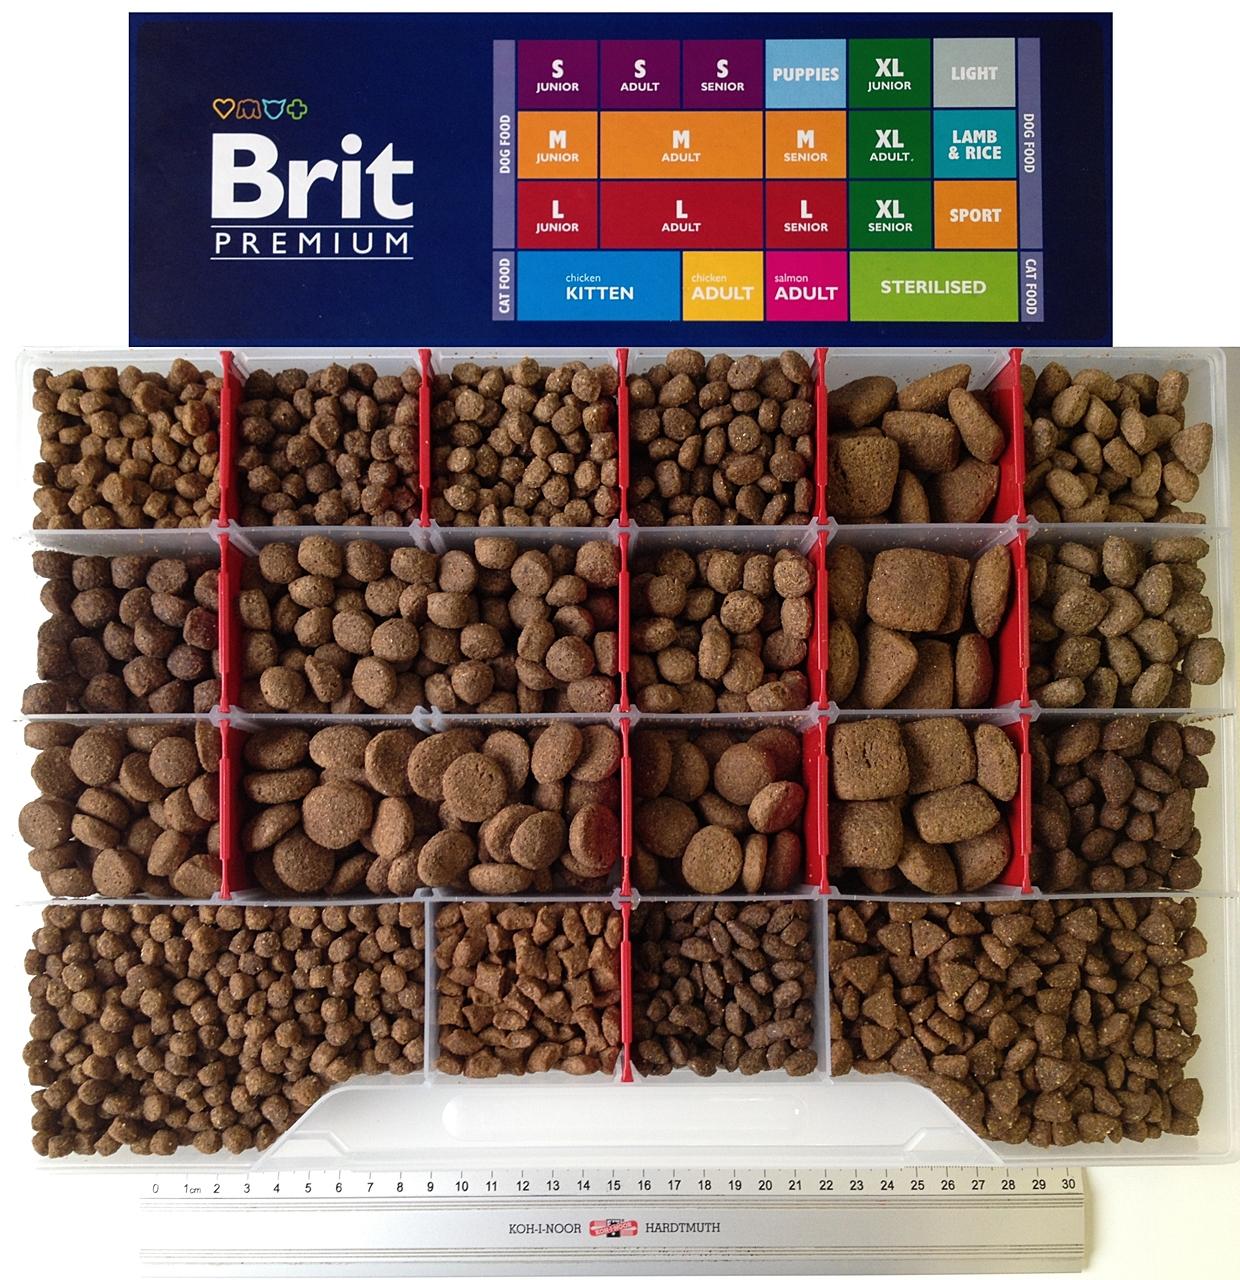 Брит таблица видов корма